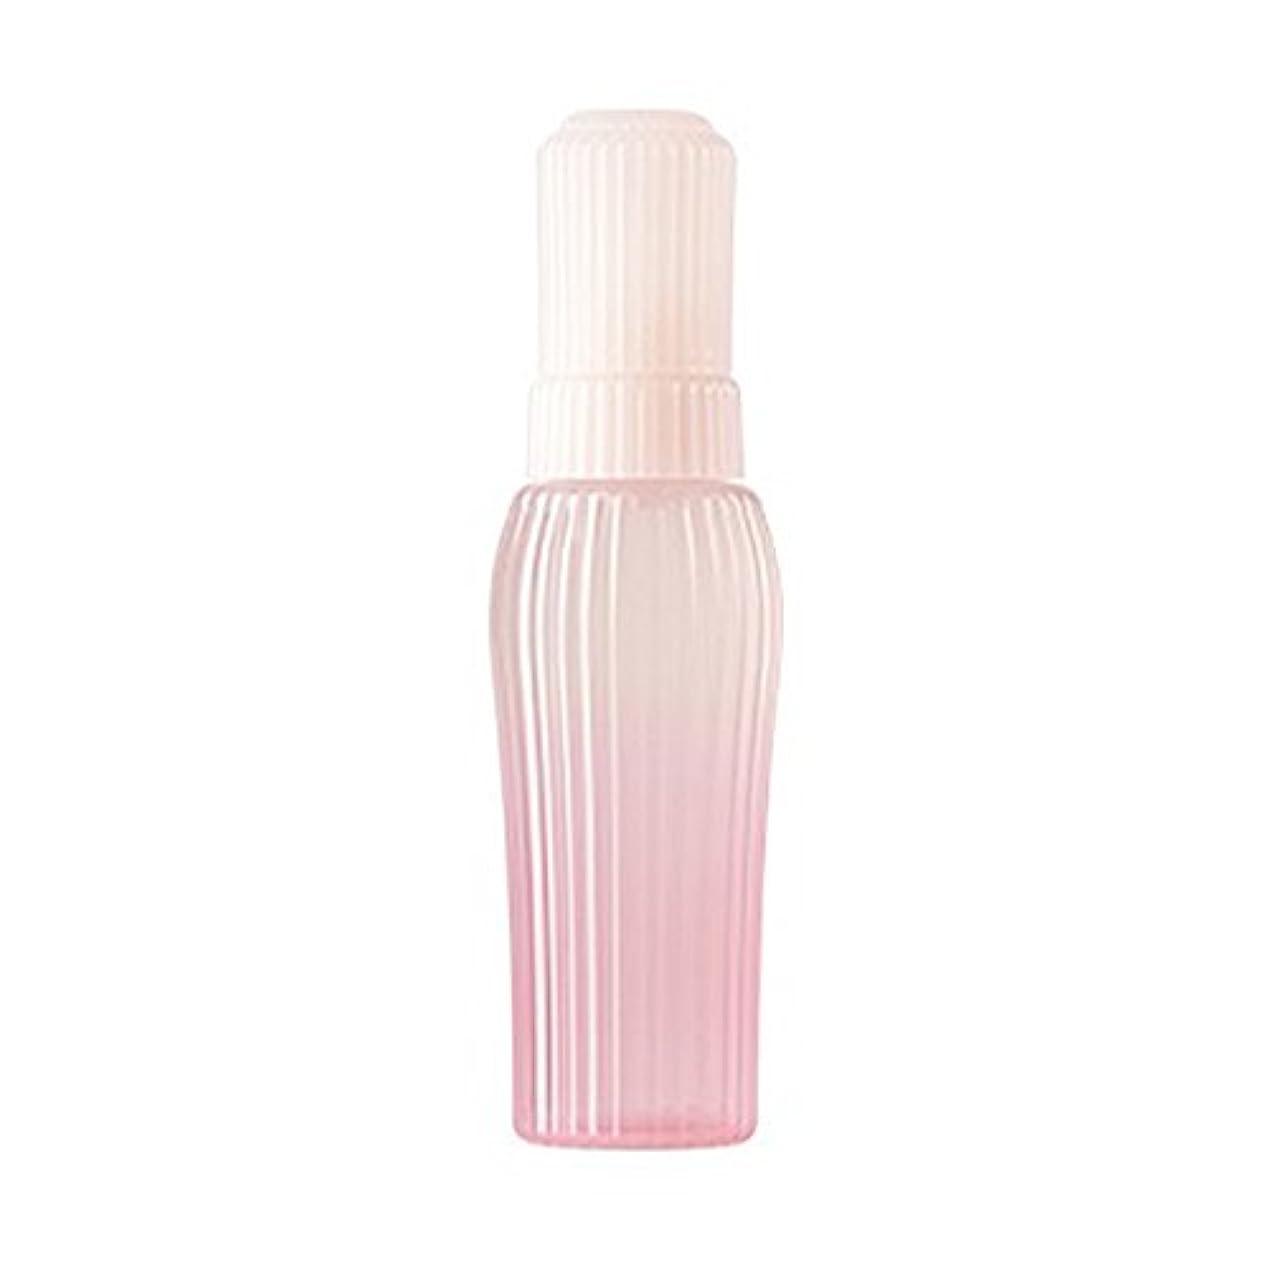 メールパントリー数学アユーラ (AYURA) fサインディフェンス スキンエンハンサー (医薬部外品) 130mL 〈敏感肌用 化粧水〉薬用美容水